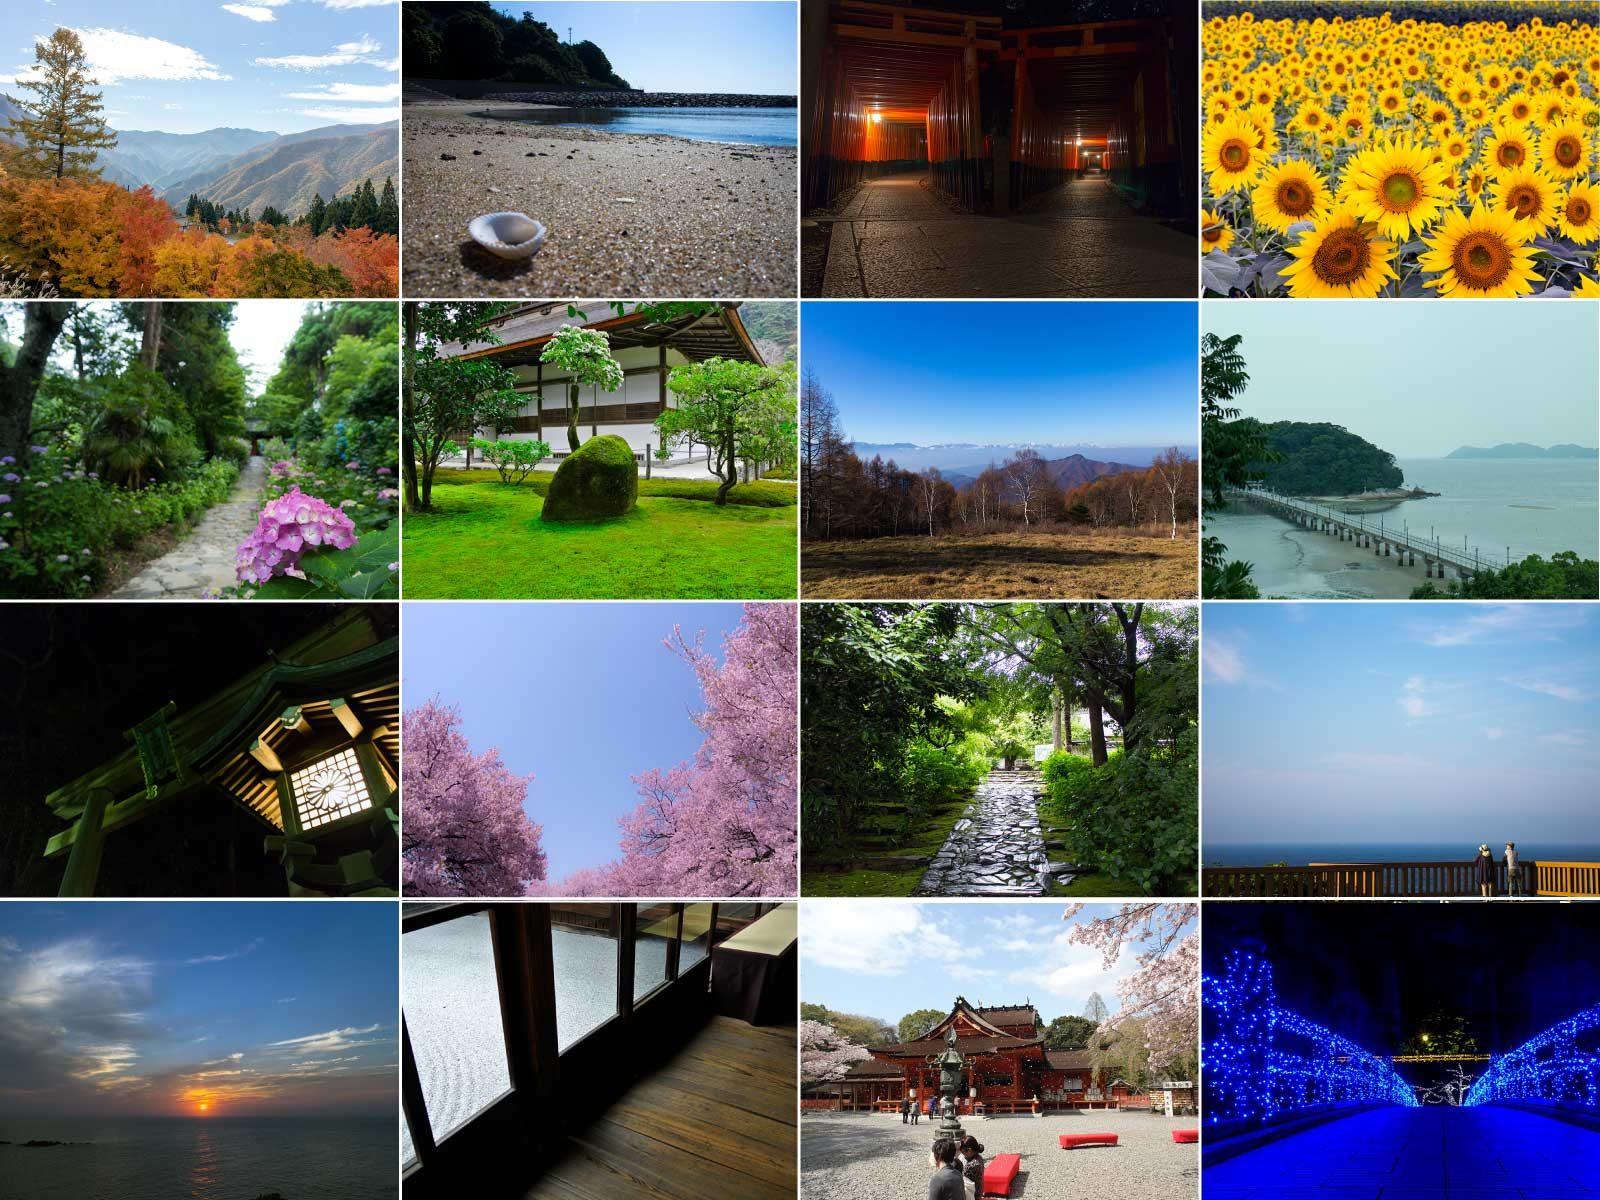 撮る旅:日本全国の観光地を写真撮影を主とした視点で紹介する情報ブログ。フォトコンテスト情報も!